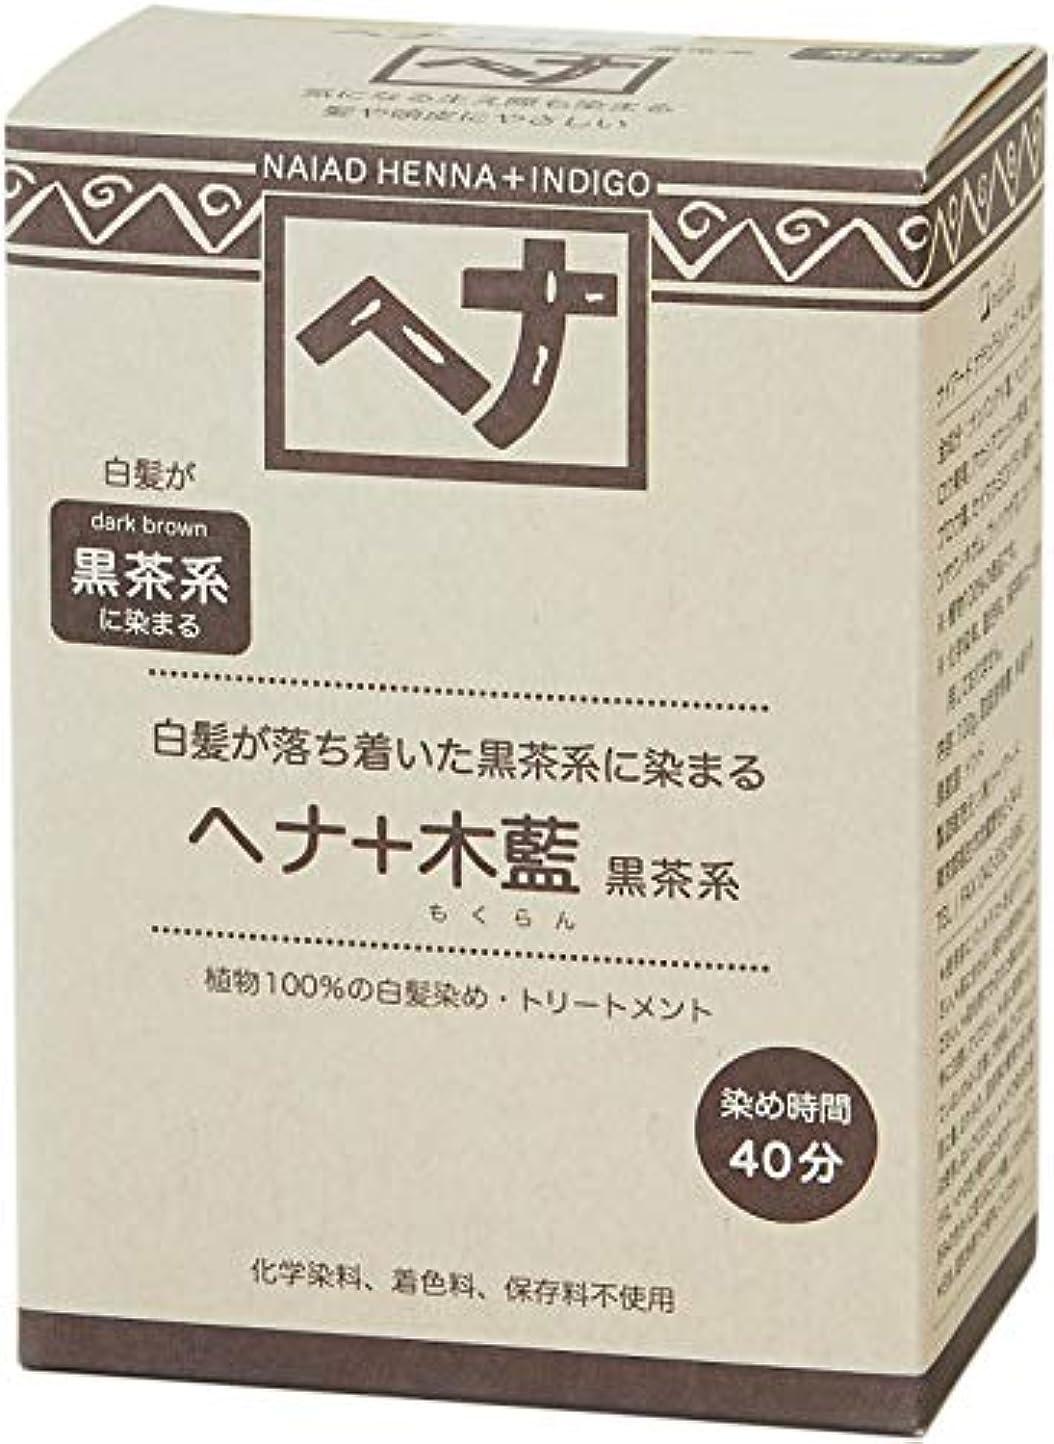 遺産荒涼とした雑種Naiad(ナイアード) ヘナ+木藍 黒茶系 100g